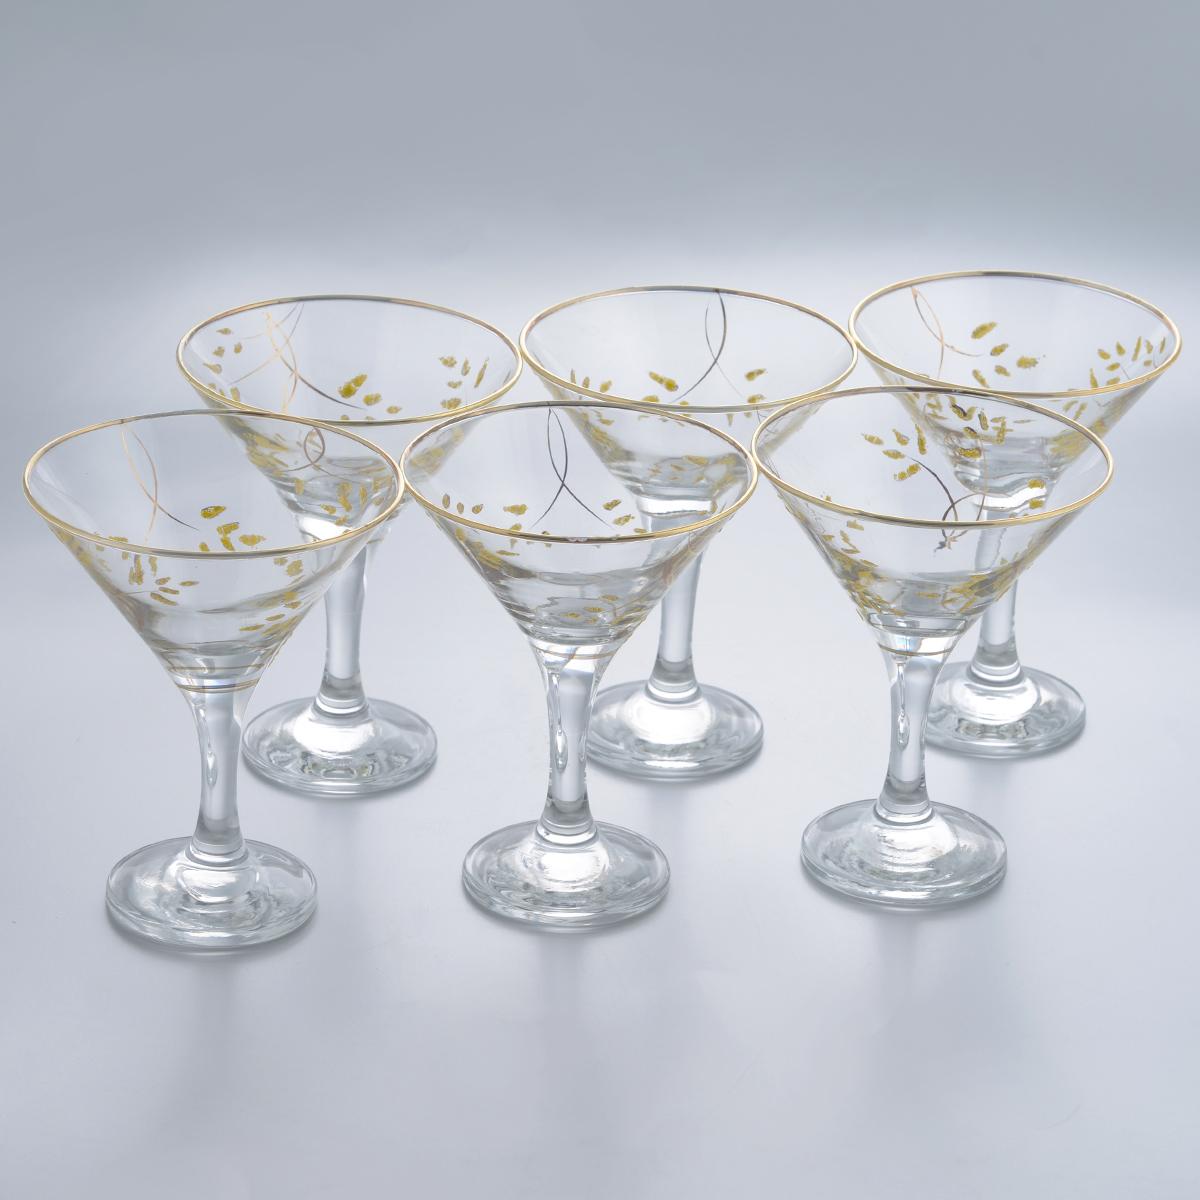 Набор бокалов для мартини Гусь-Хрустальный Колосок, 170 мл, 6 штK28-410Набор Гусь-Хрустальный Колосок состоит из 6 бокалов на длинных ножках, изготовленных из высококачественного натрий-кальций-силикатного стекла. Изделия оформлены красивым зеркальным покрытием и золотистым глянцевым орнаментом. Бокалы предназначены для подачи мартини. Такой набор прекрасно дополнит праздничный стол и станет желанным подарком в любом доме. Разрешается мыть в посудомоечной машине. Диаметр бокала (по верхнему краю): 10,5 см. Высота бокала: 13,5 см. Диаметр основания бокала: 6,3 см.